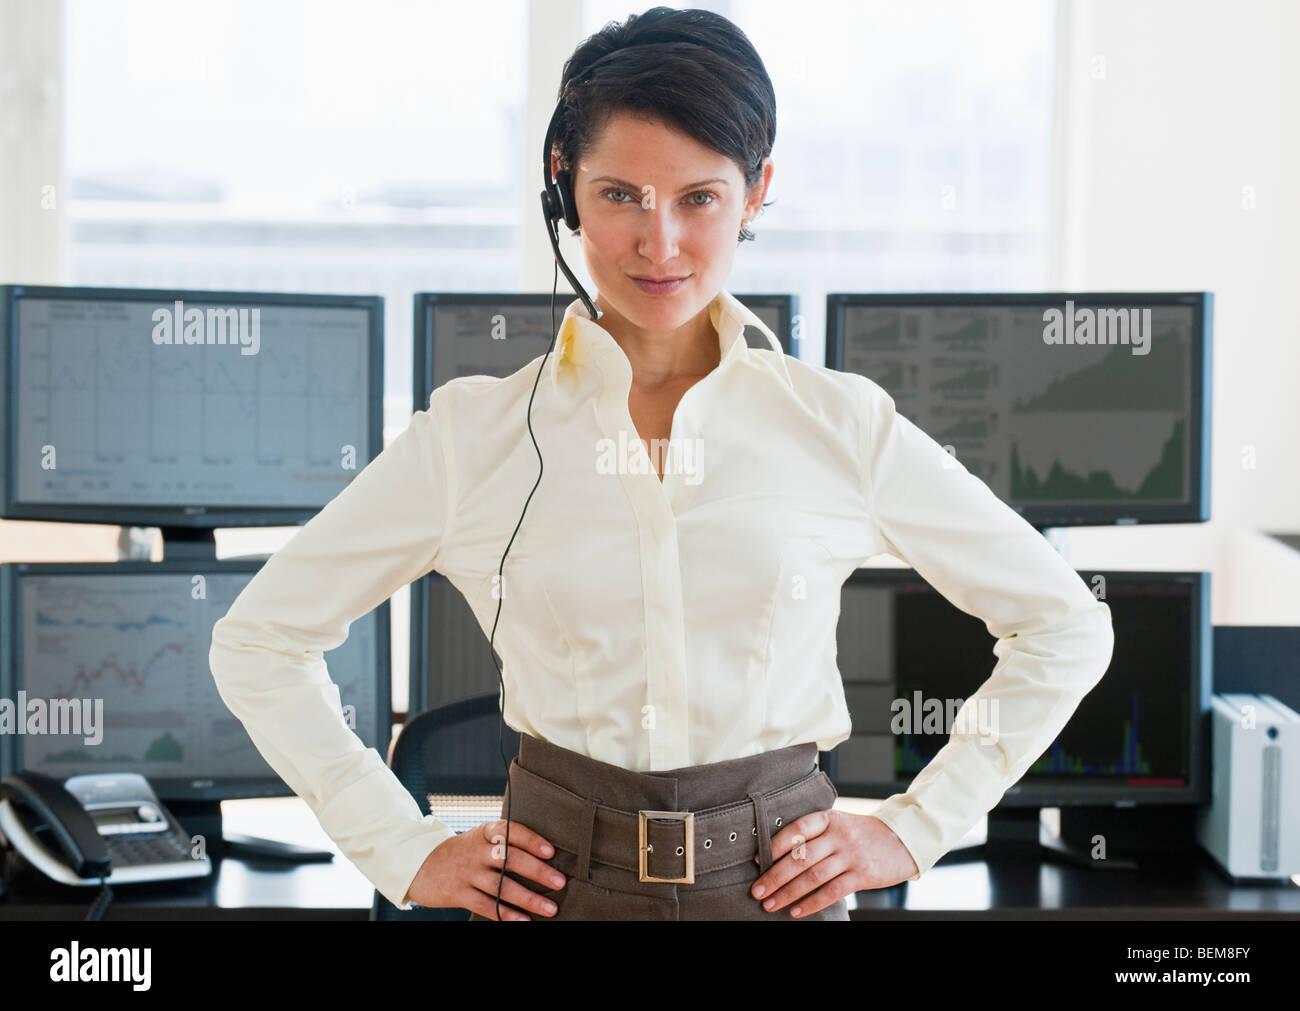 Female trader looking at camera Stock Photo